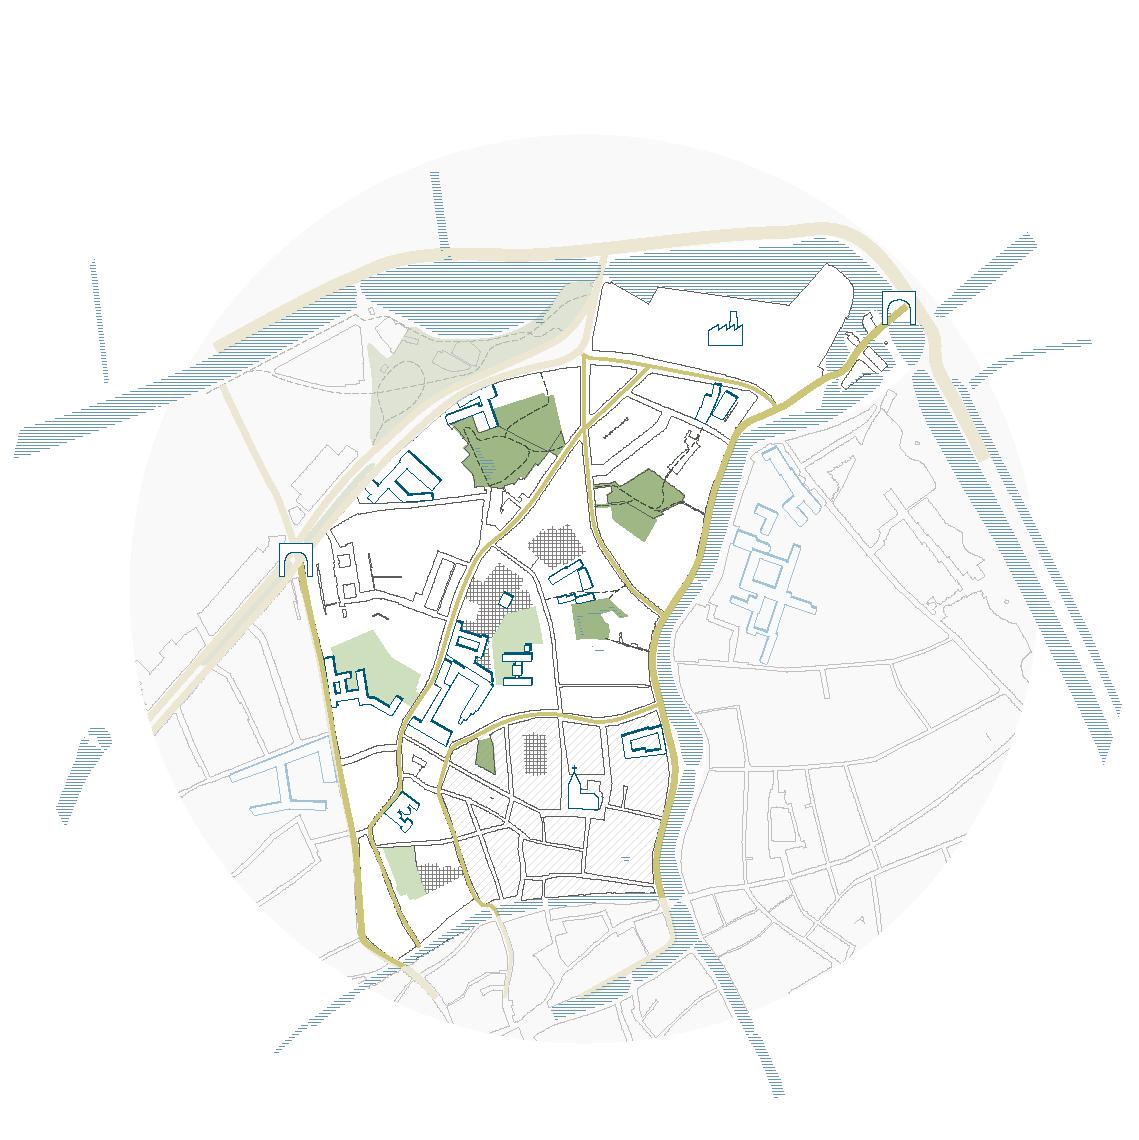 20190108_Visieplan_ev